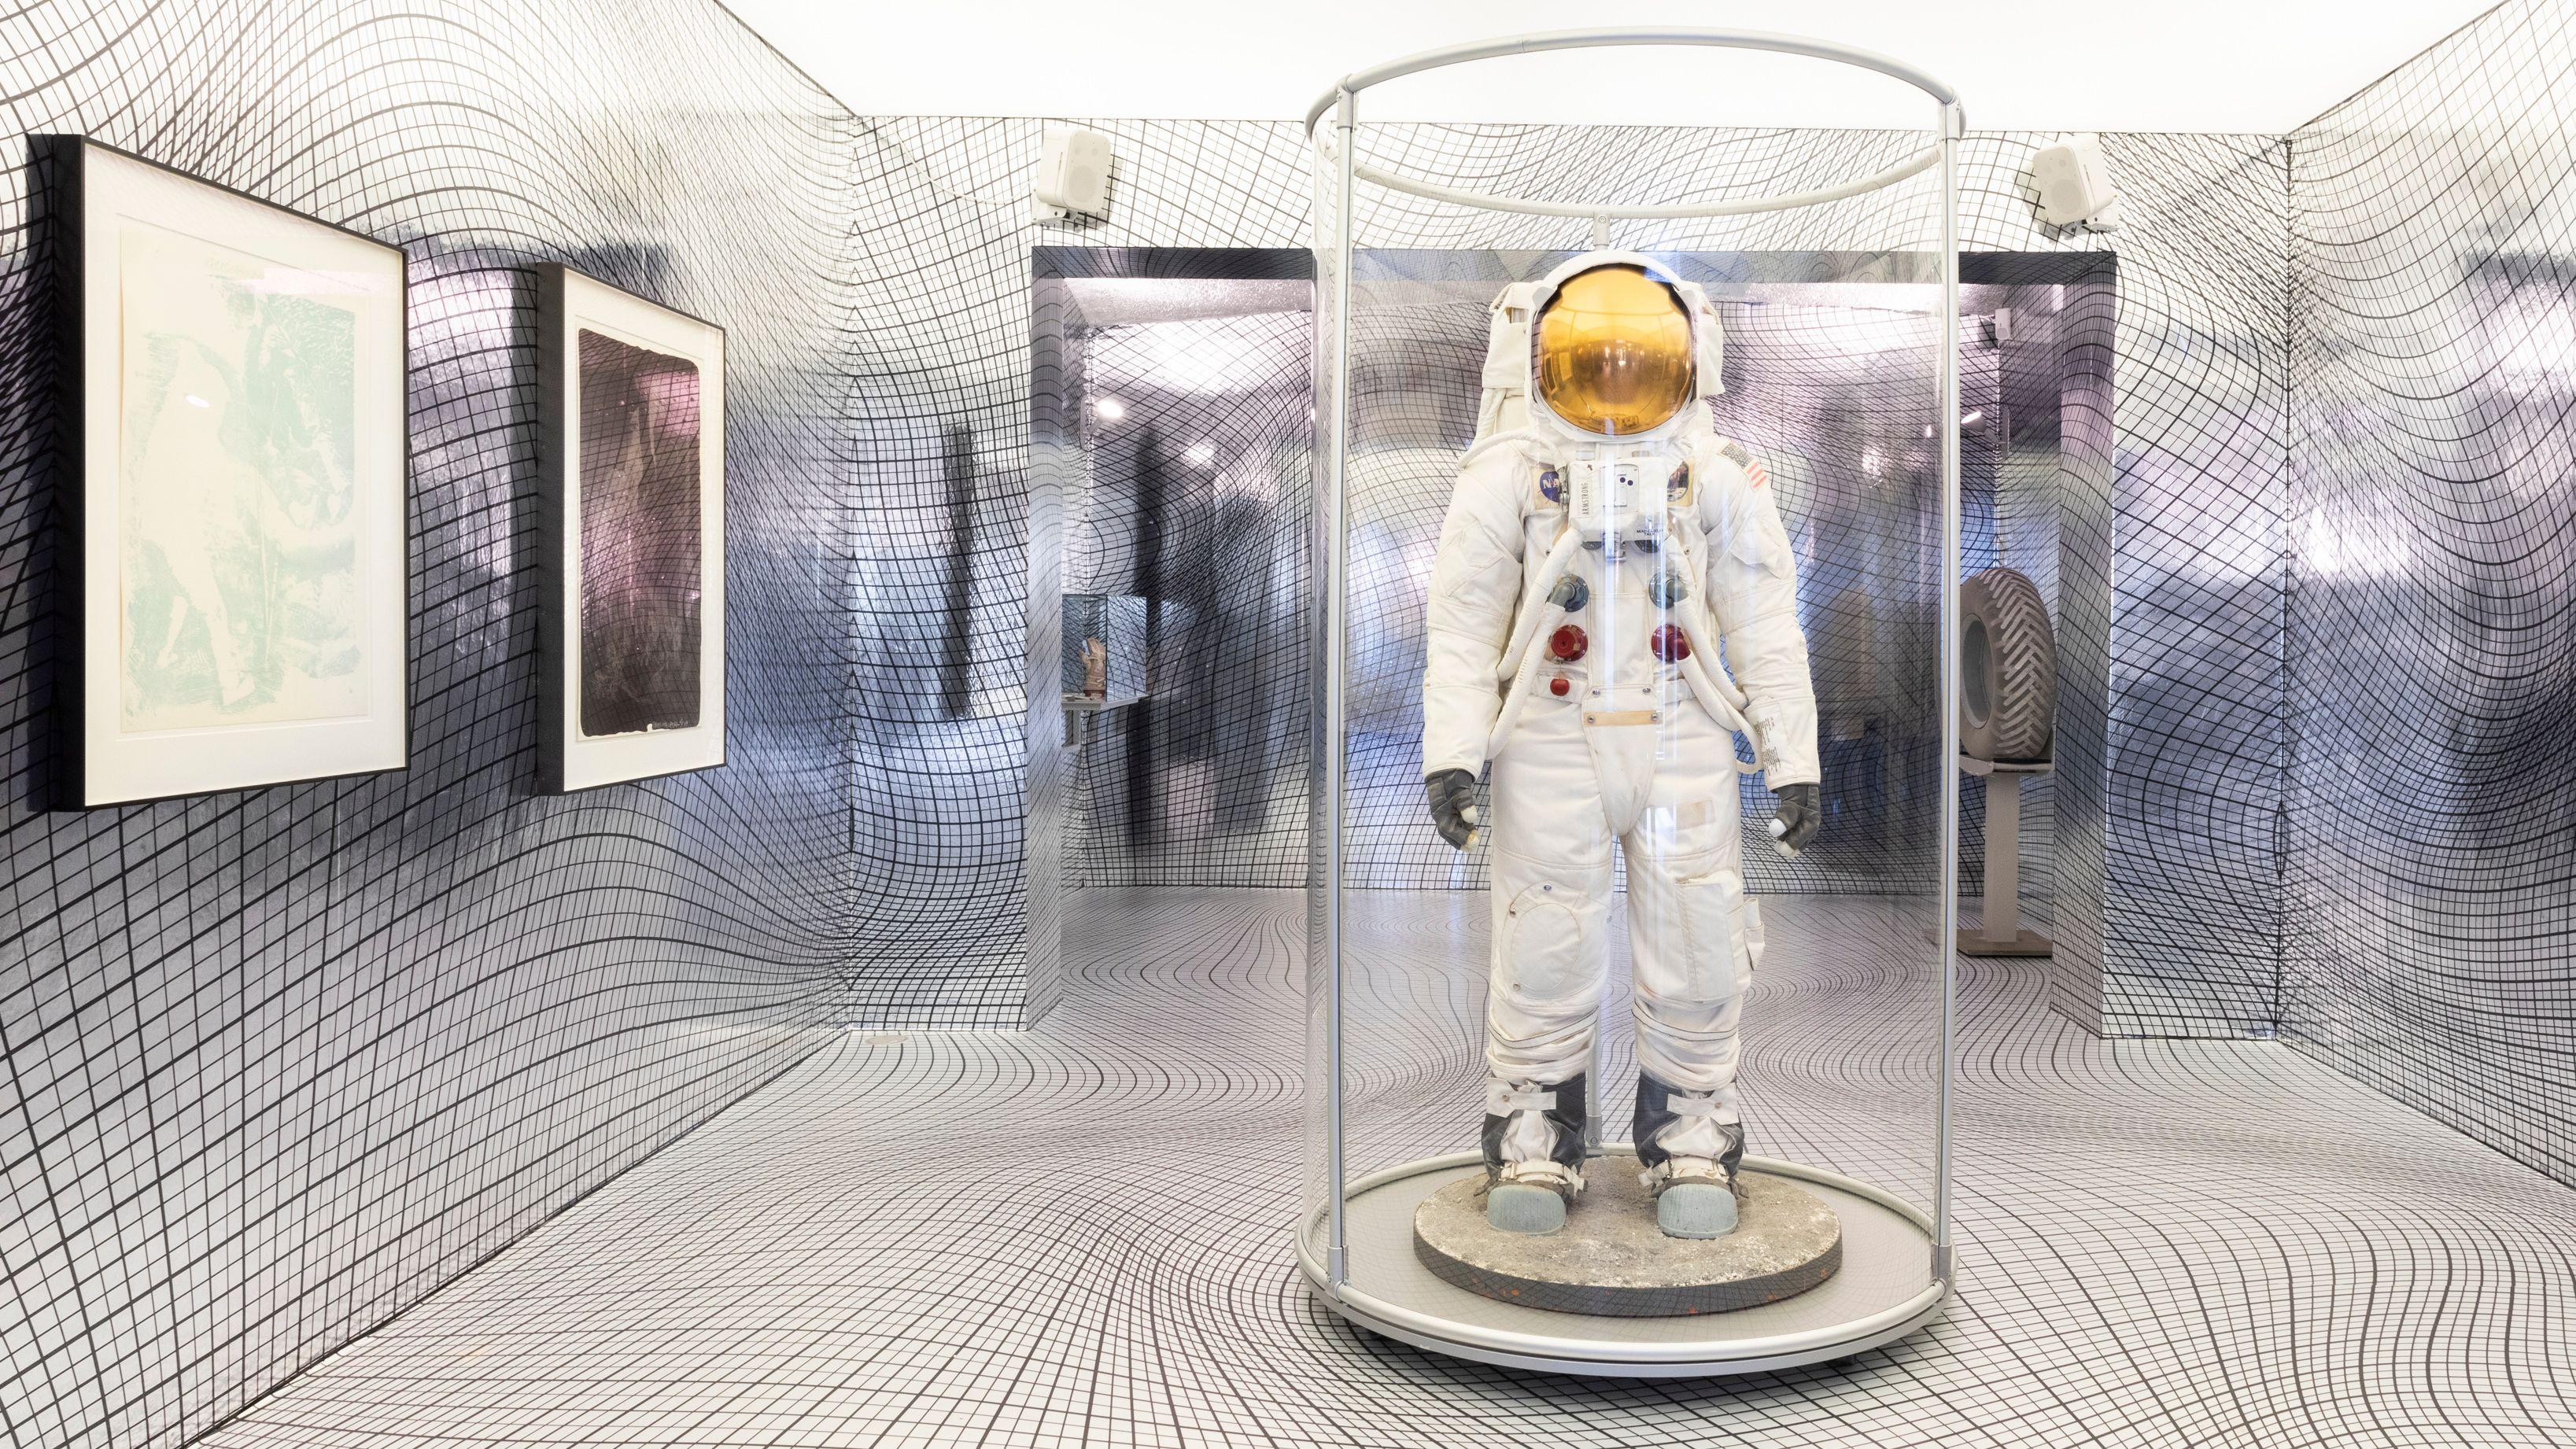 """Ausstellungsraum von """"Zero Gravity"""" mit einer Puppe im Astronautenlook in einer Glasröhre."""